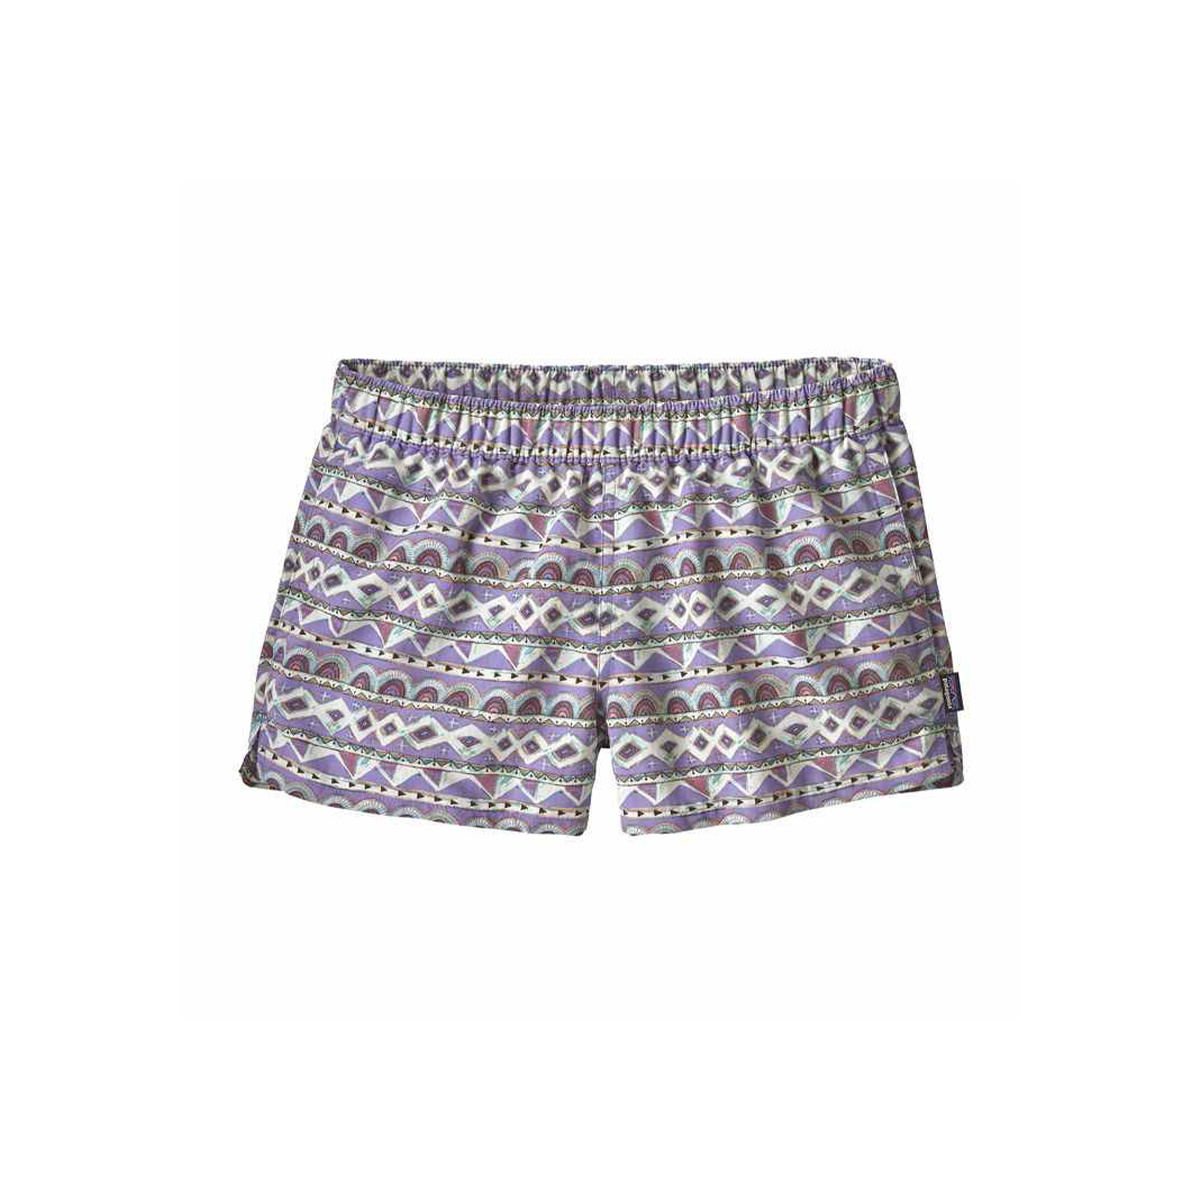 Patagonia Women's Barely Baggies Shorts